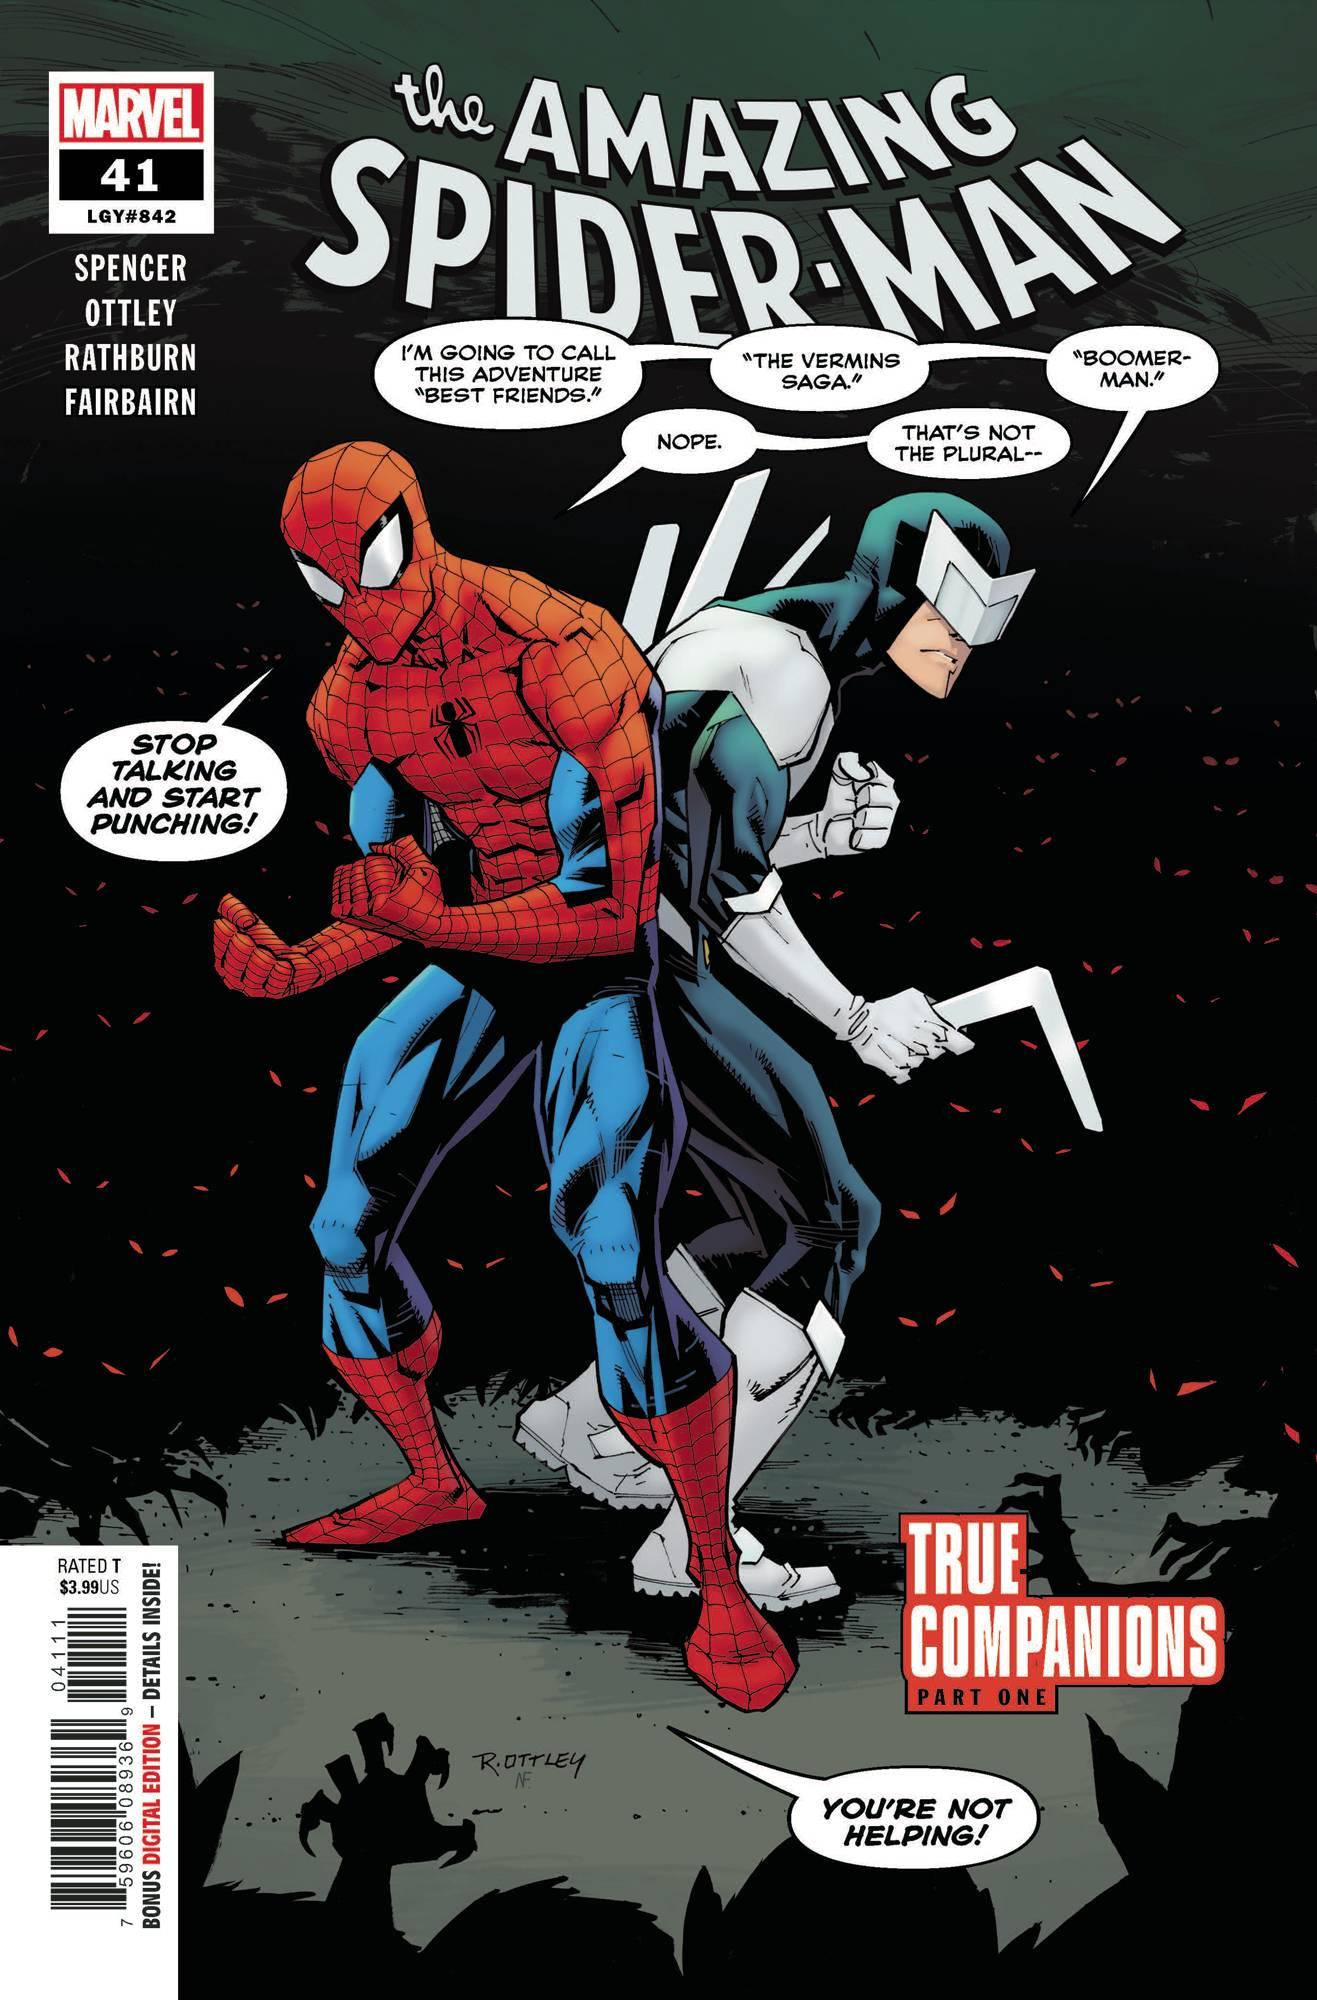 Amazing Spider-Man #41